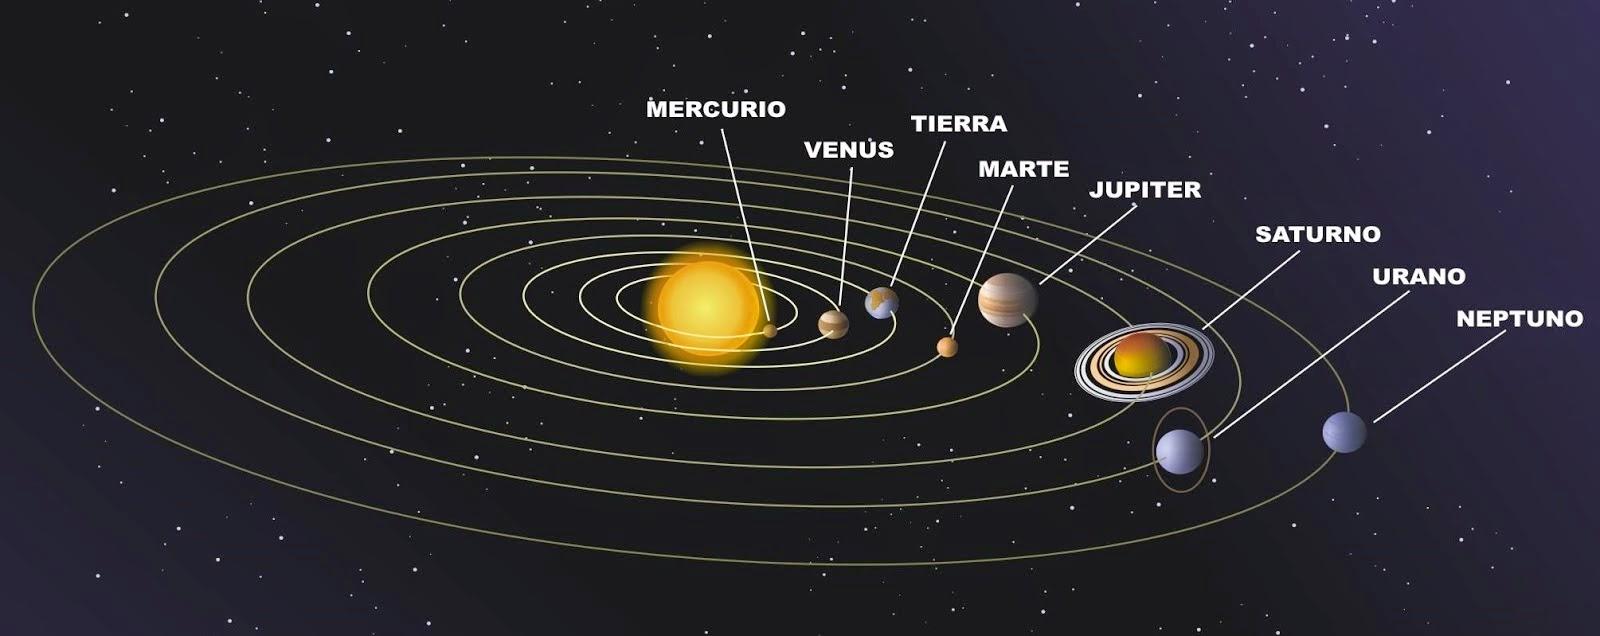 Descubriendo mundos el sistema solar for Donde esta el sol